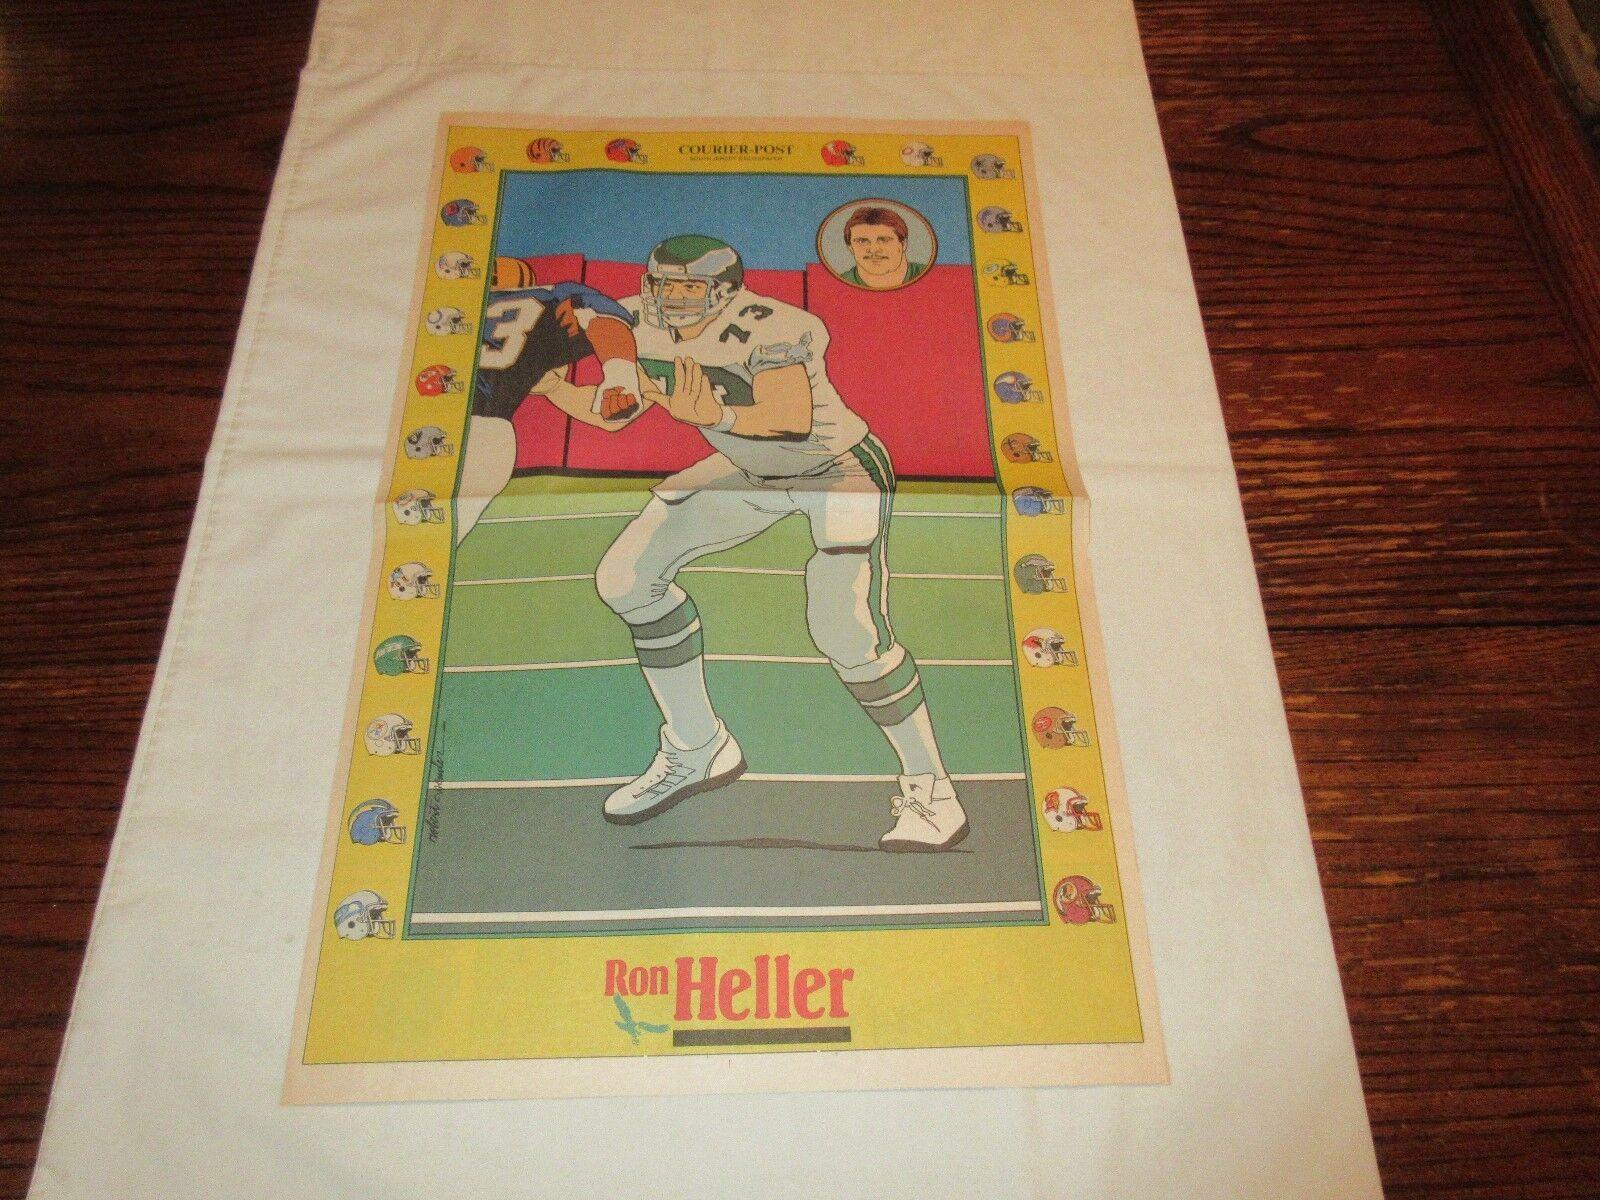 Ron Heller , Philadelphia Eagles , 12/18/88 , Newspaper